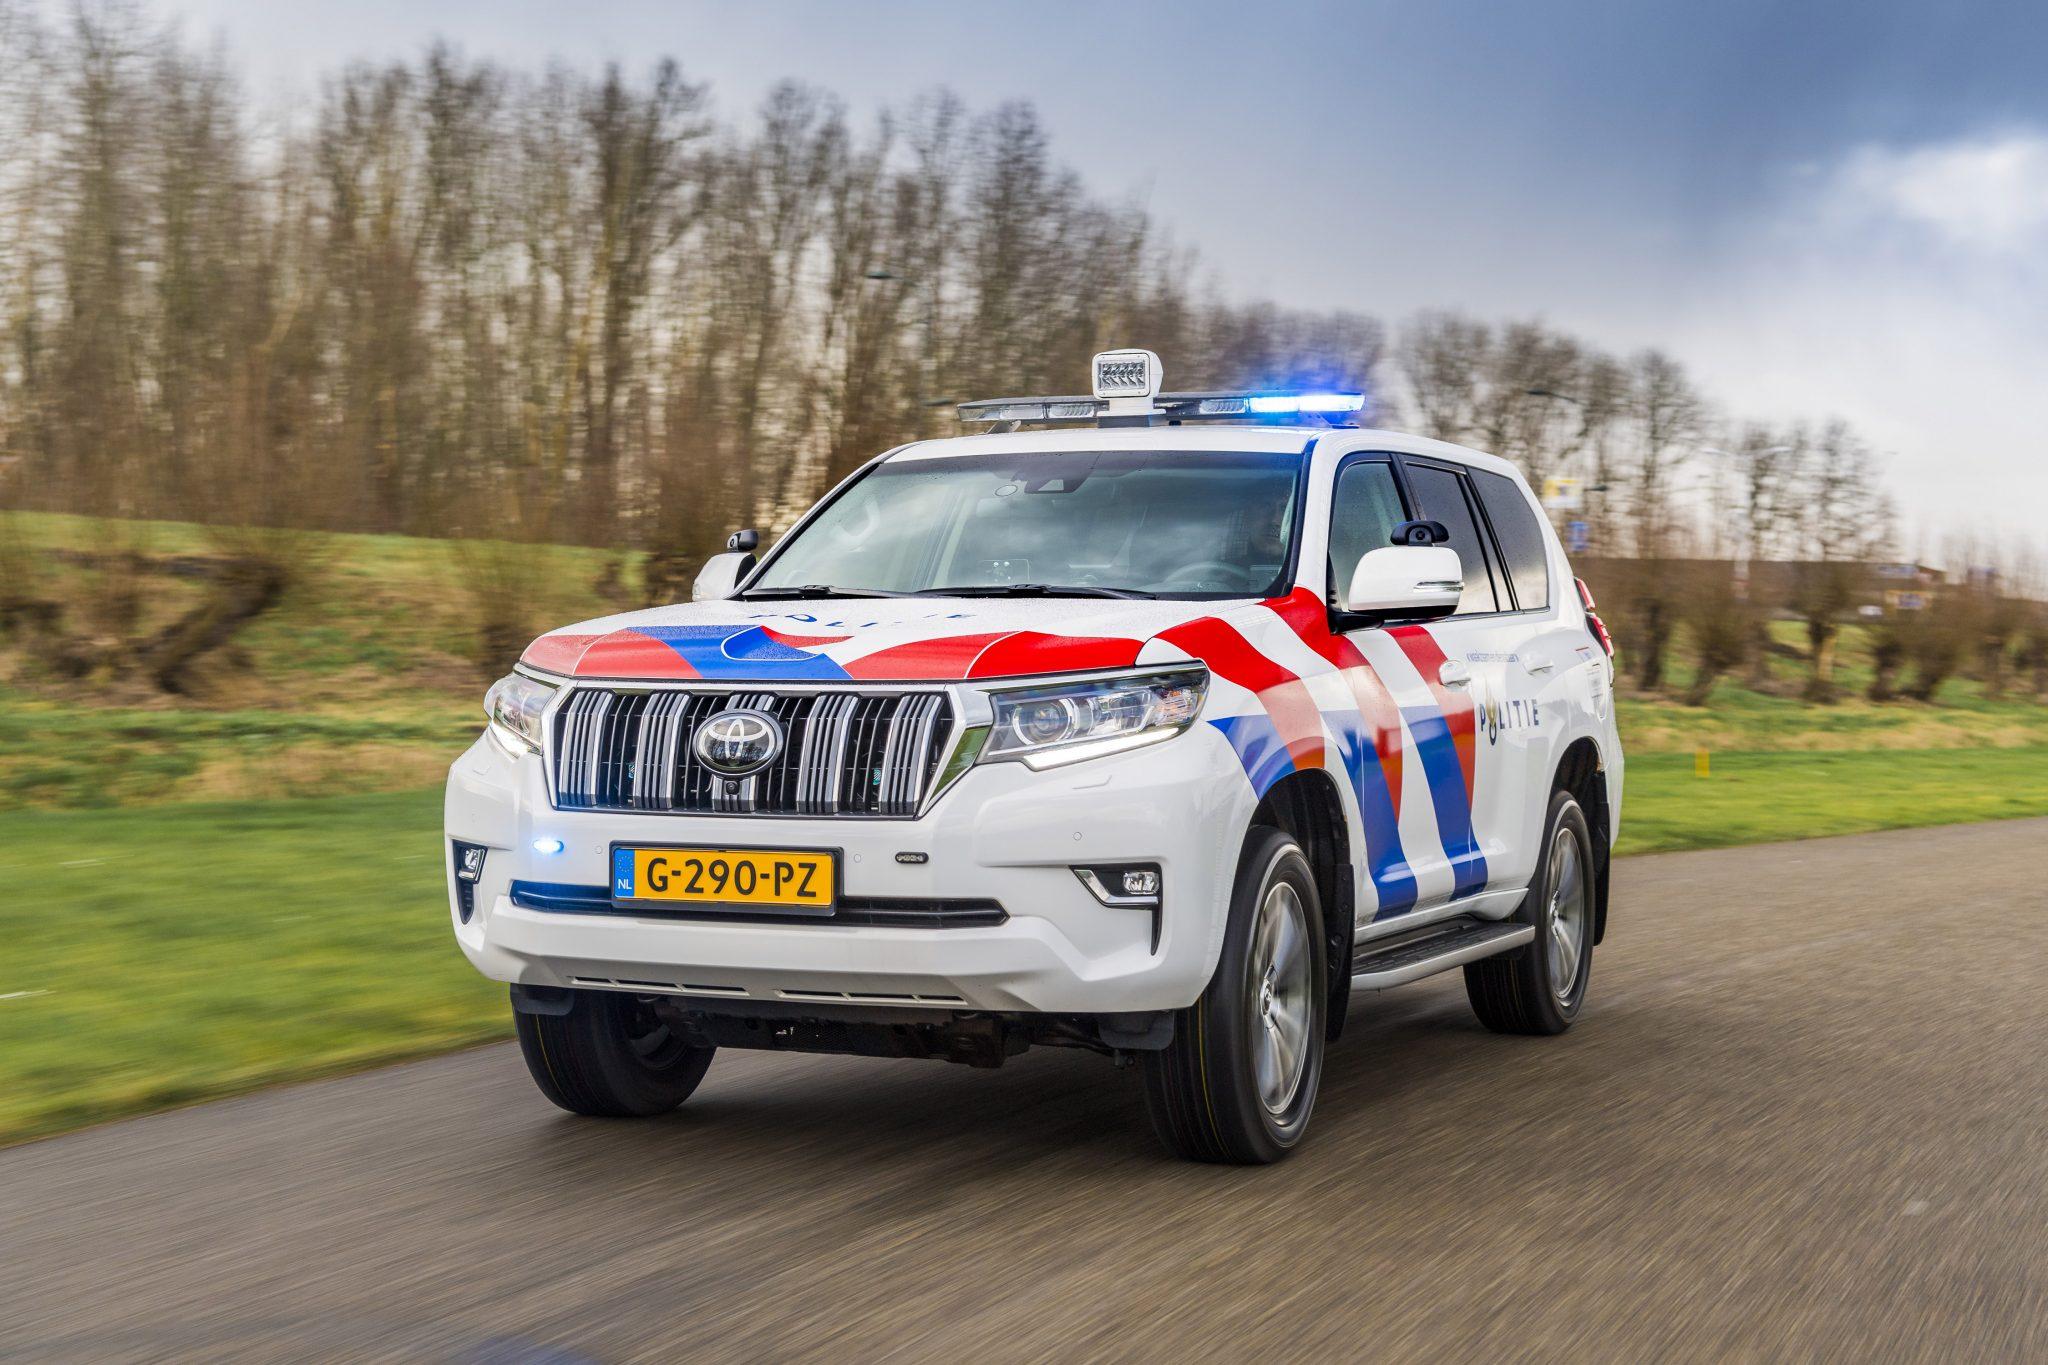 Toyota Land Cruiser Nationale Politie Nederland